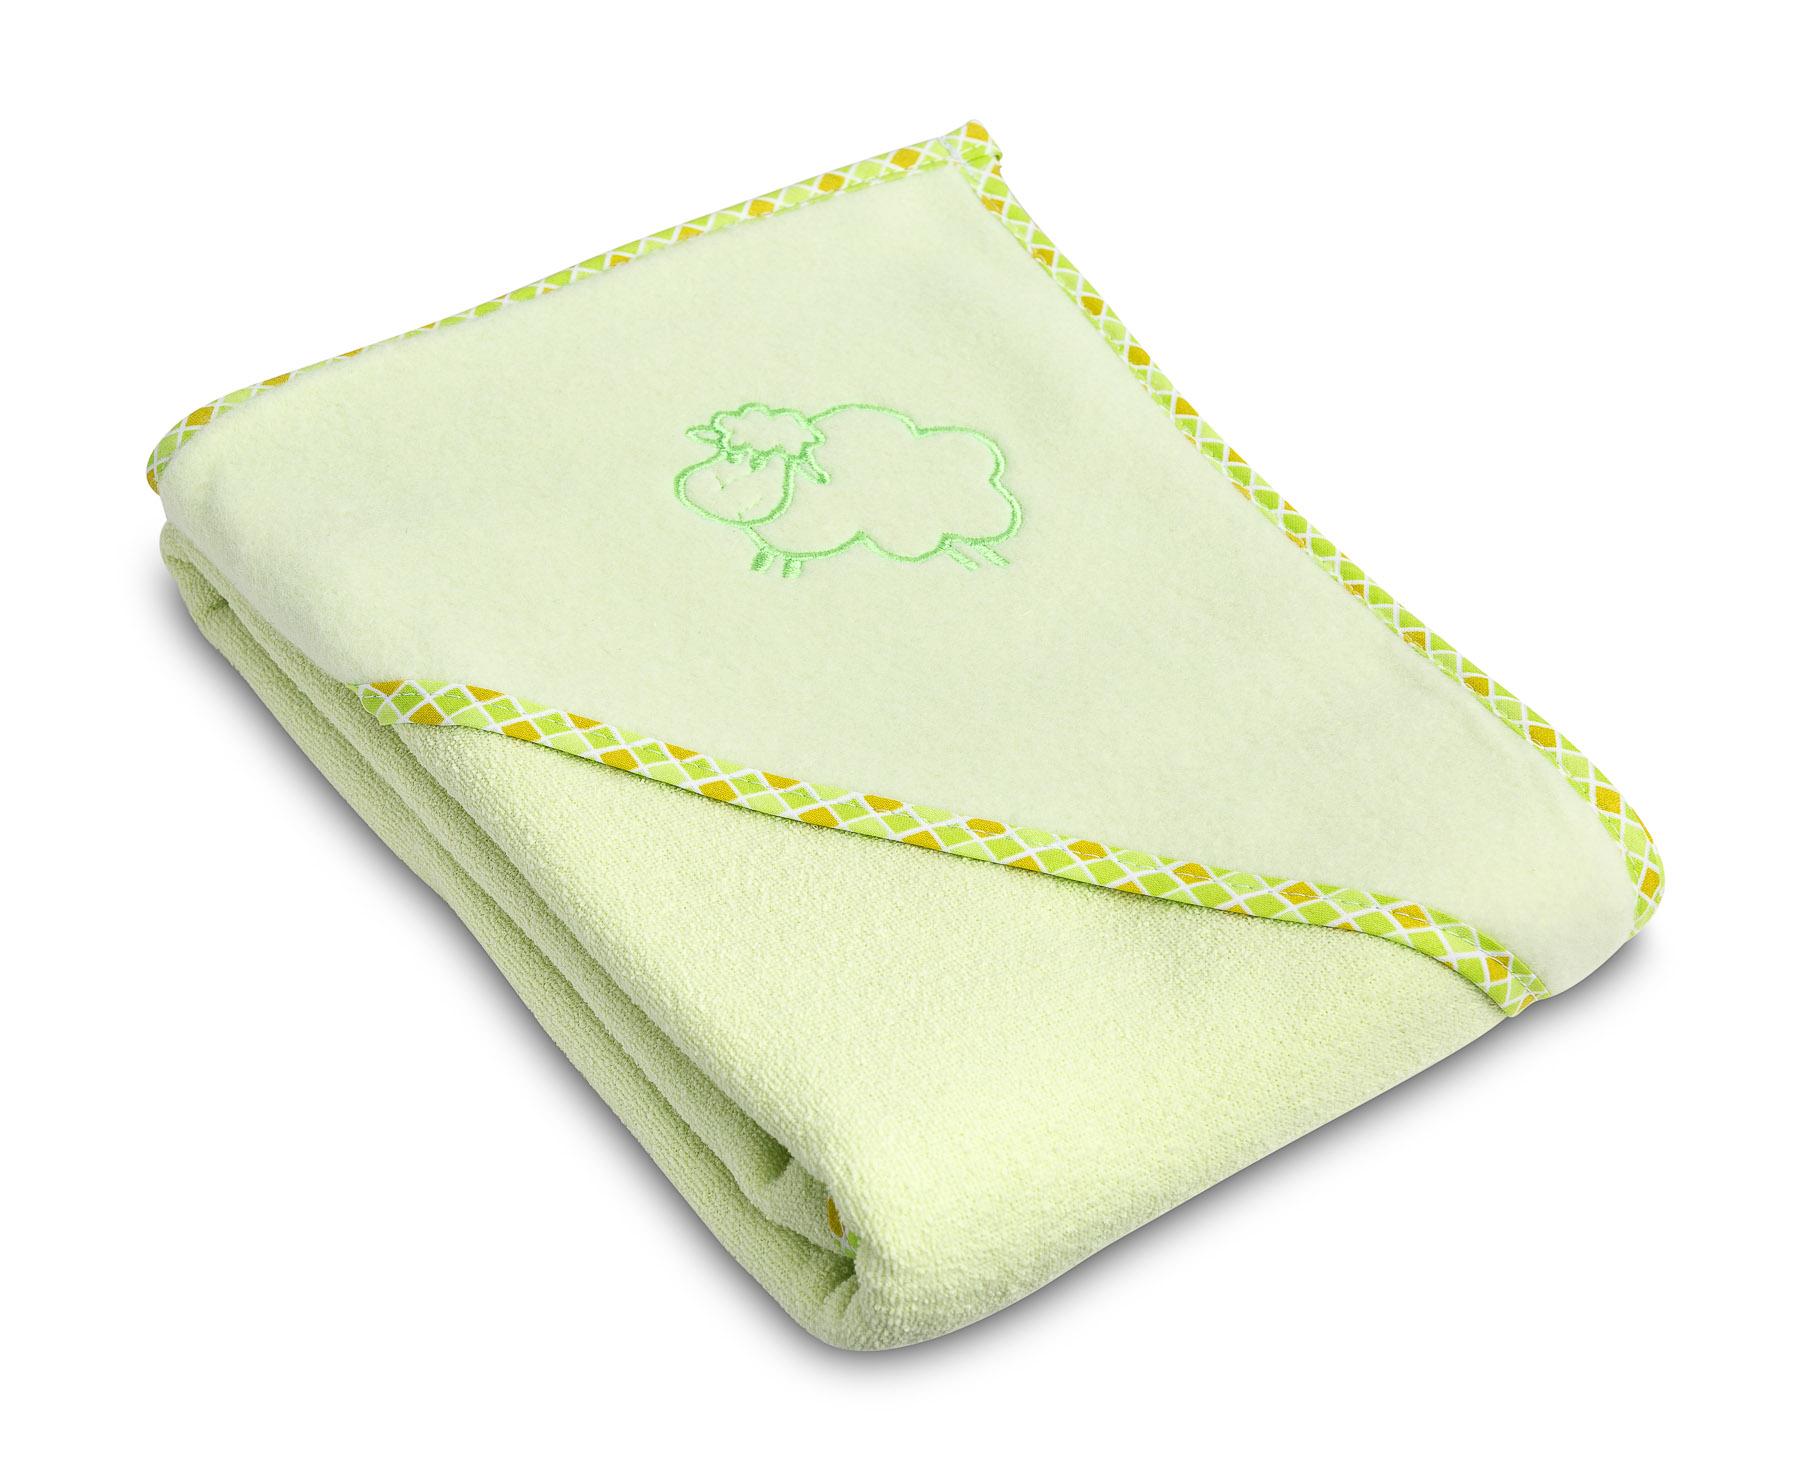 Miękkie okrycie kąpielowe Owieczka – zielone